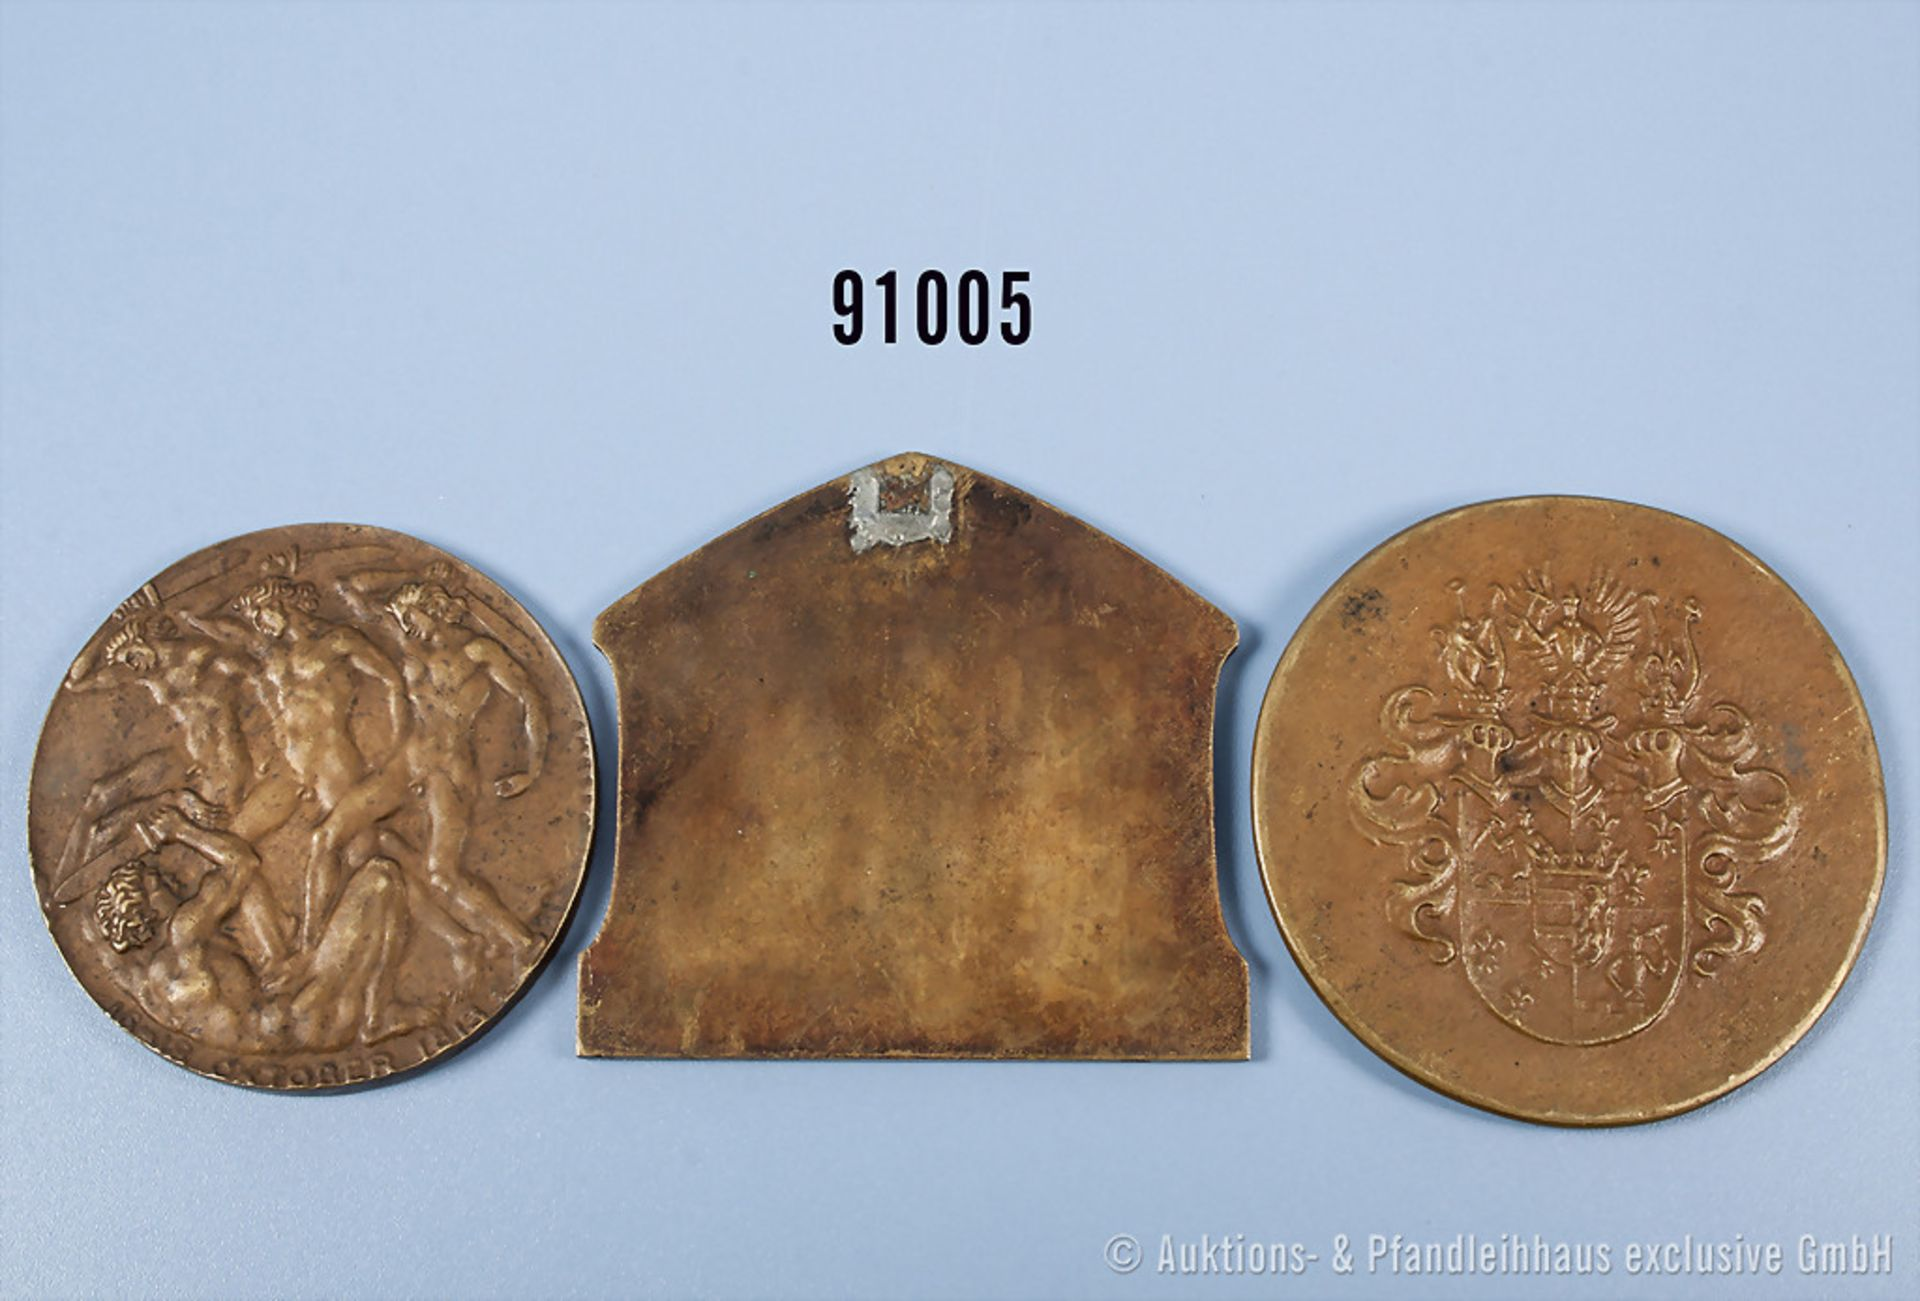 Konv. 2 Bronze-Medaillen, Deutscher Patriotenbund, Medaille zur Errichtung des Völkerschlacht- - Bild 2 aus 2